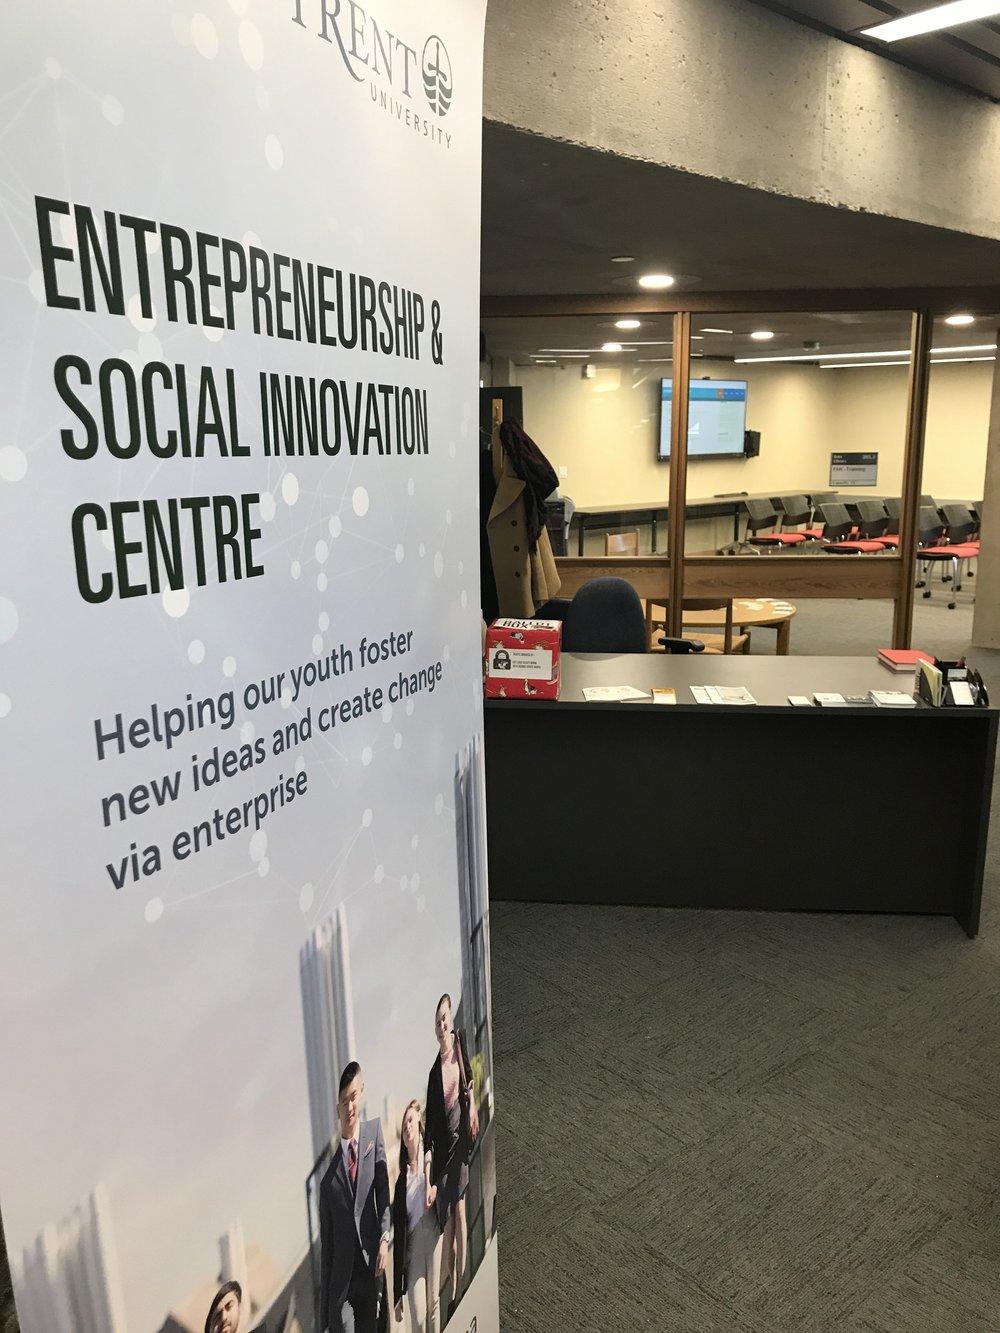 Entrepreneurship & Social Innovation Centre at Trent University's Bata Library